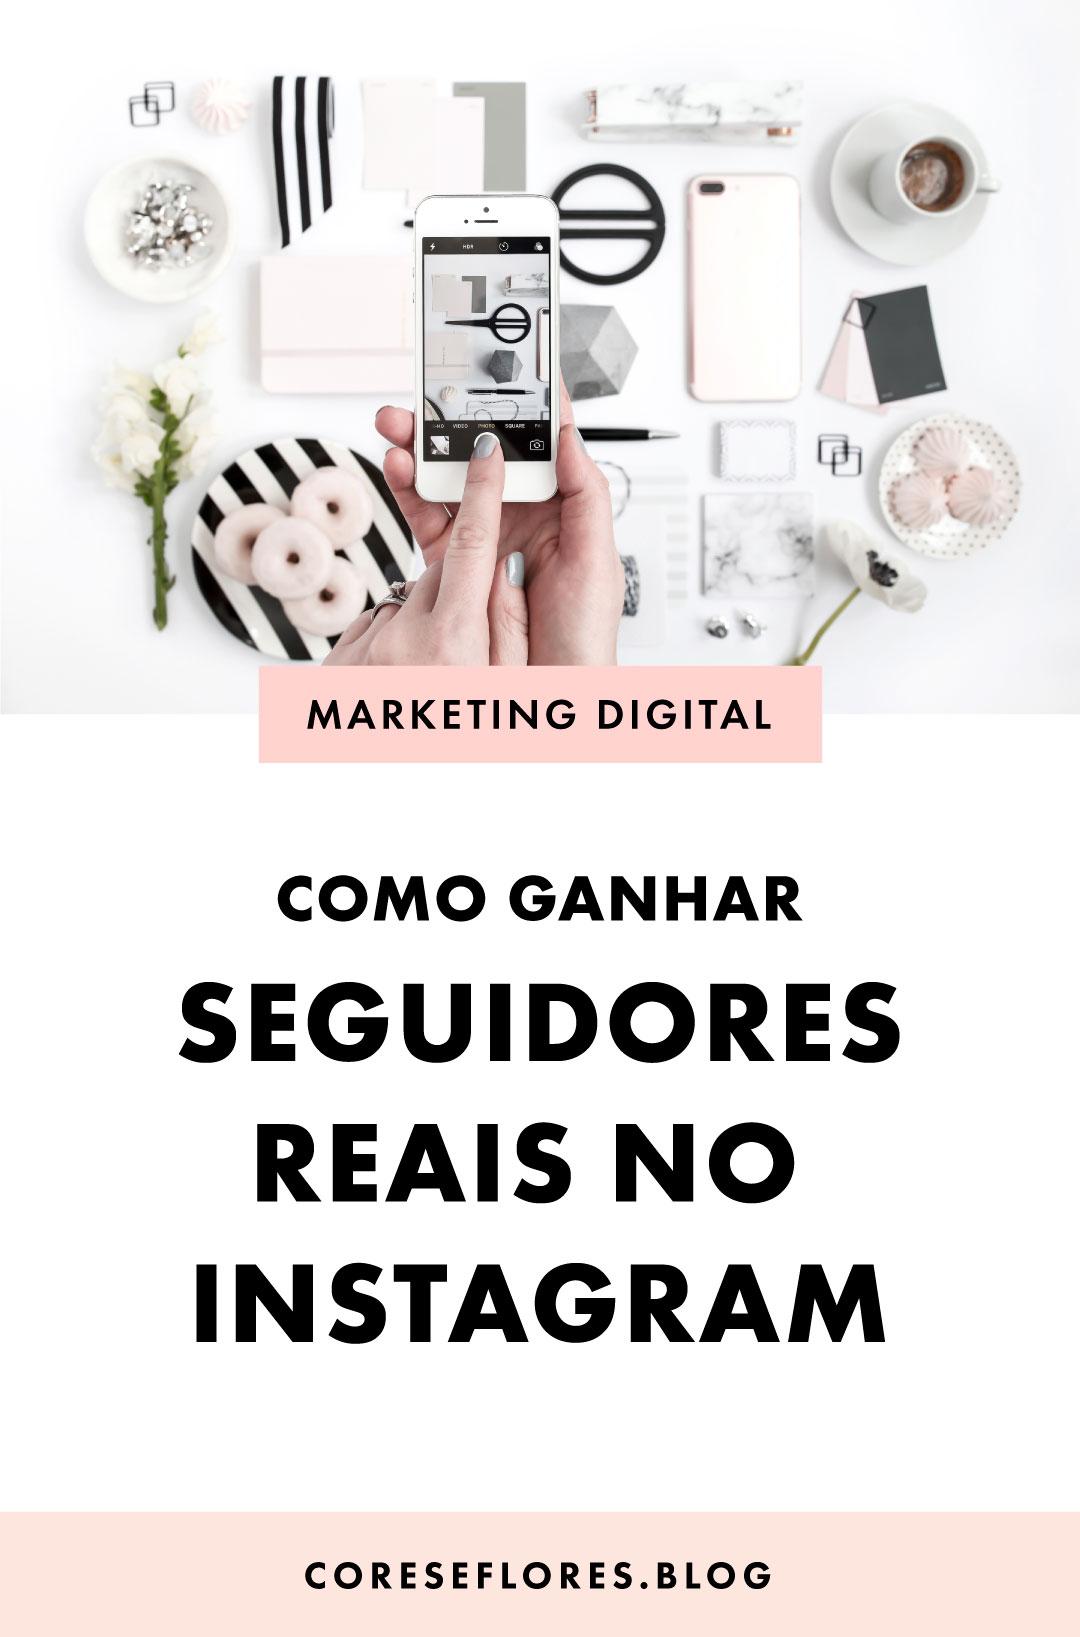 7 dicas para ganhar seguidores reais no Instagram